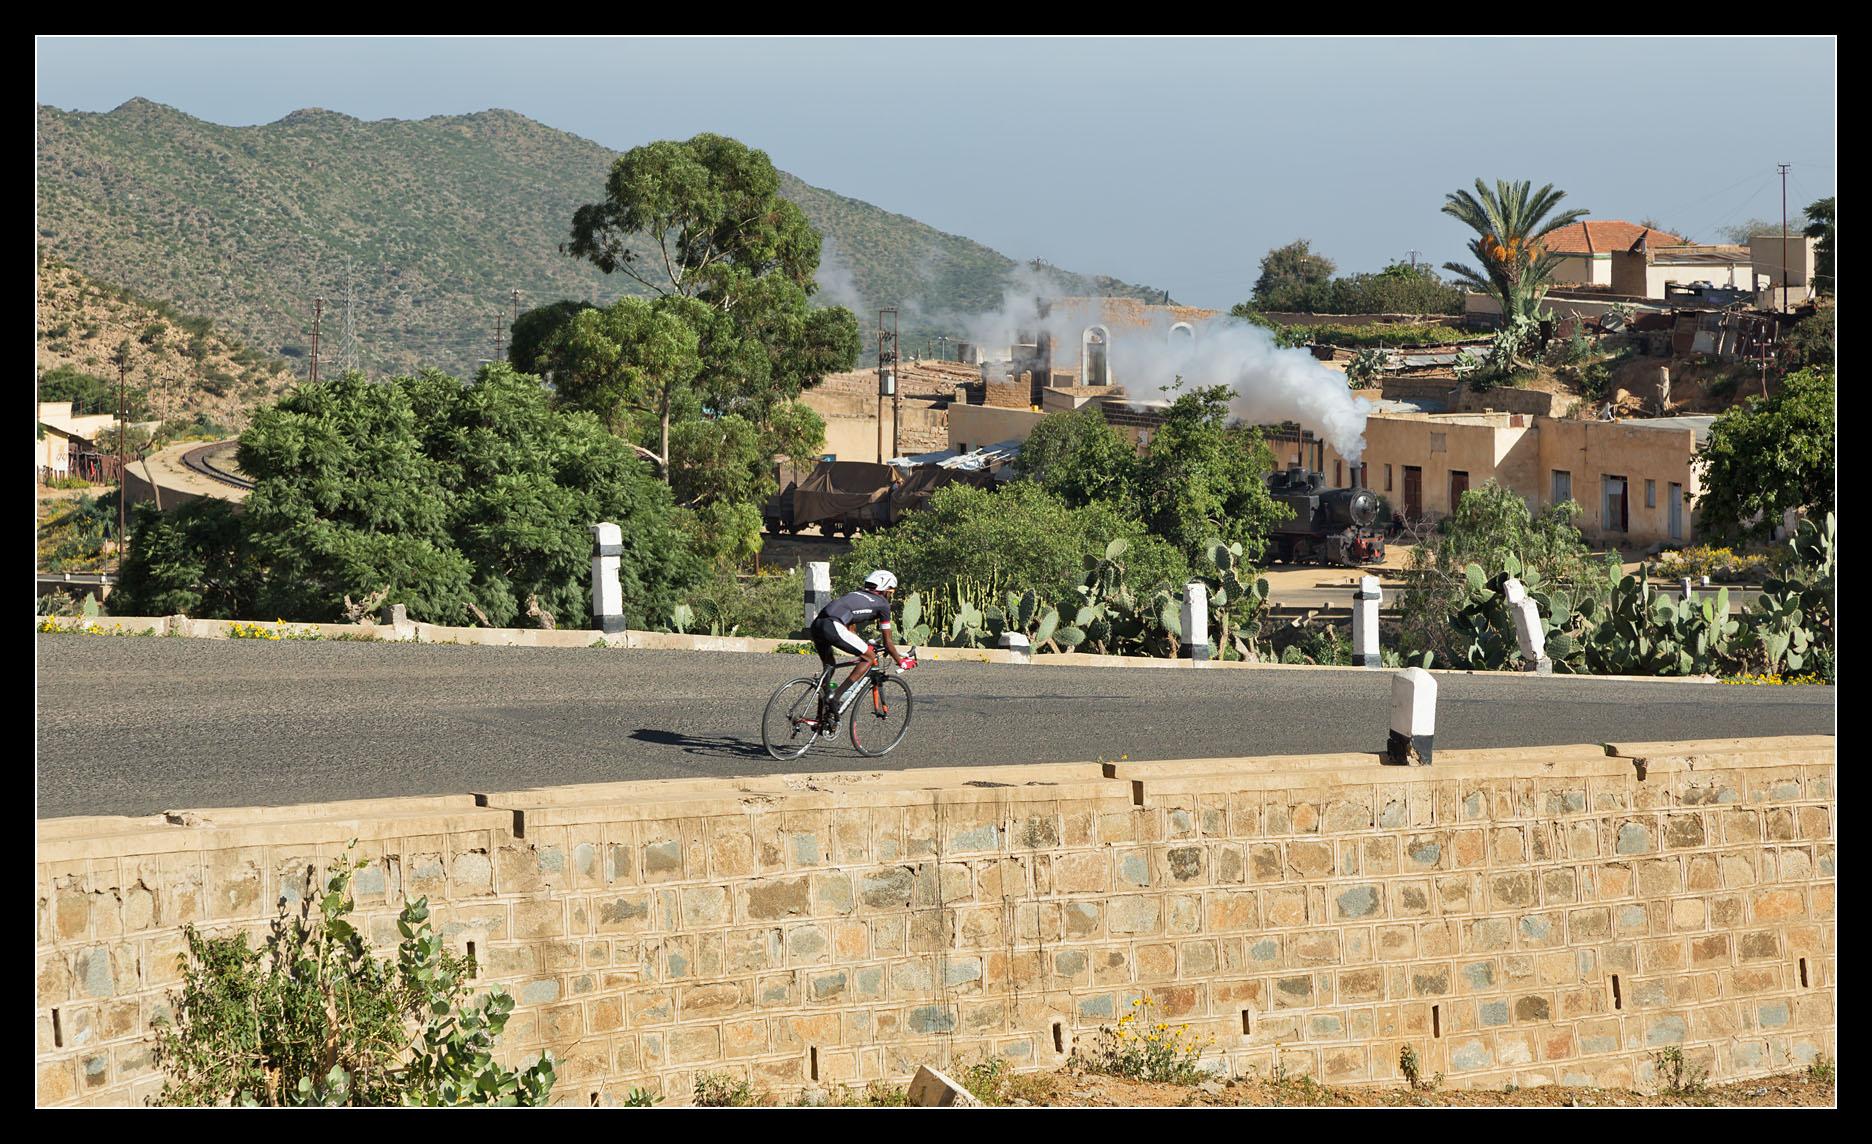 http://raildata.info/eritrea18/eri0702.jpg